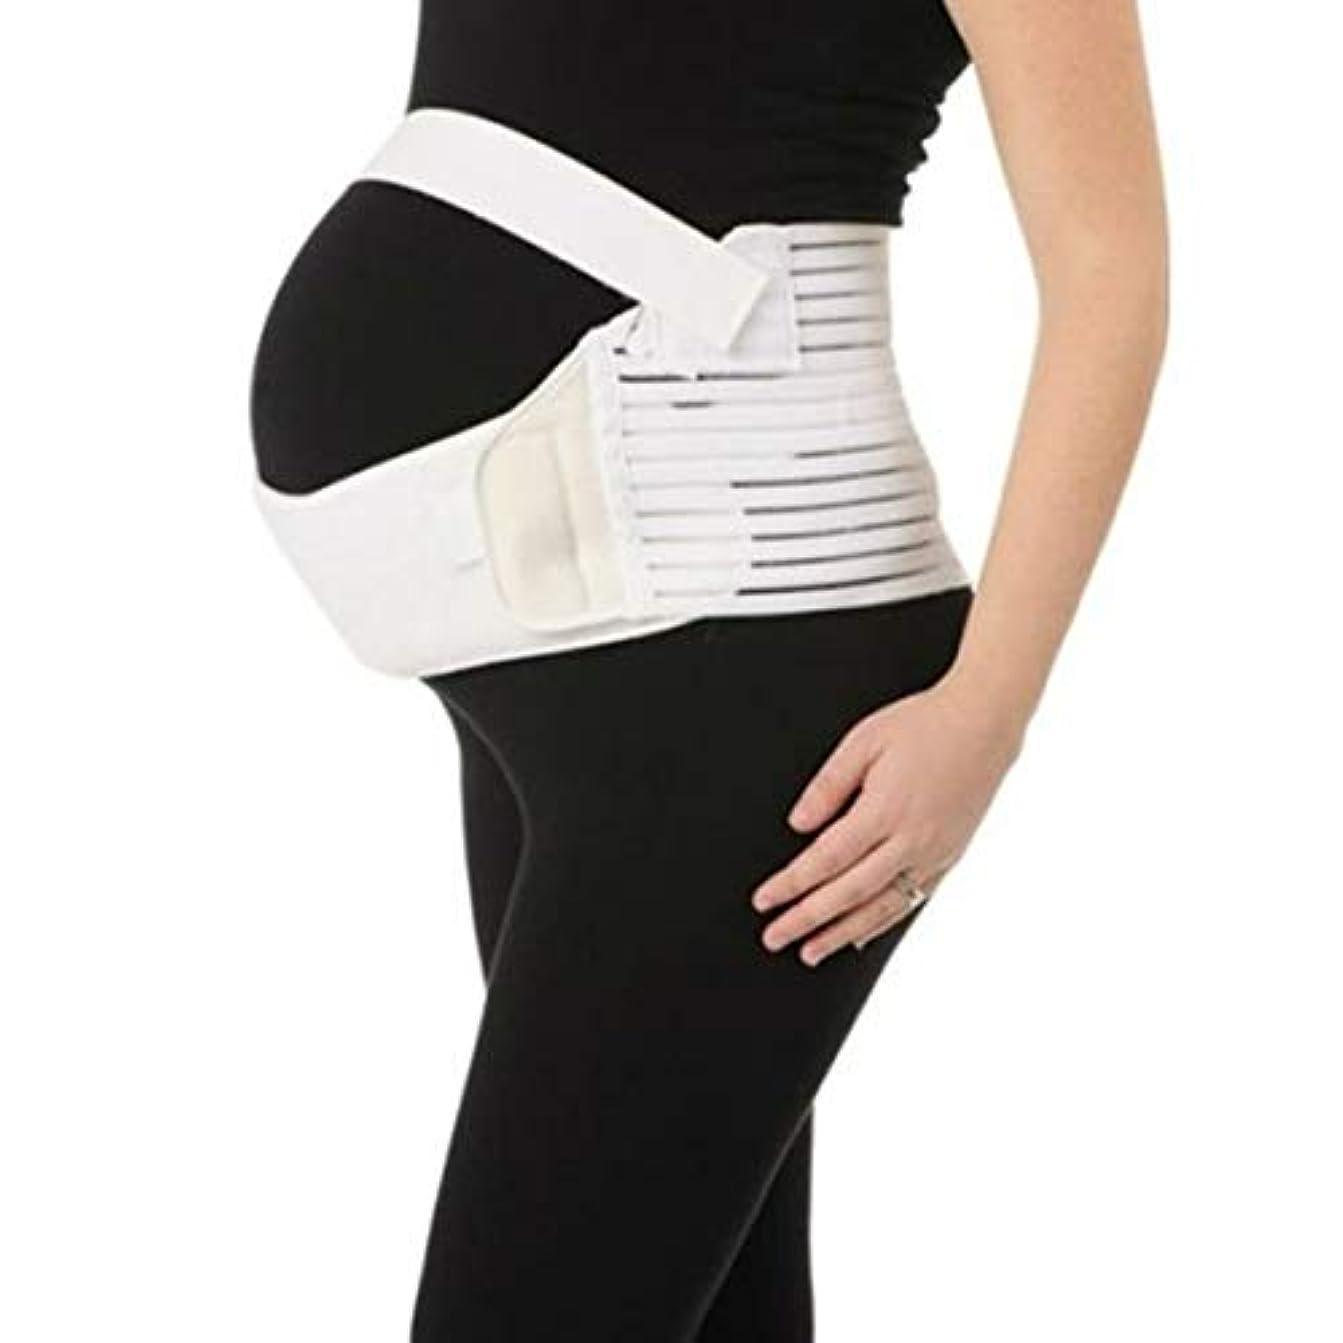 シャッター標高セール通気性マタニティベルト妊娠腹部サポート腹部バインダーガードル運動包帯産後の回復shapewear - ホワイトL